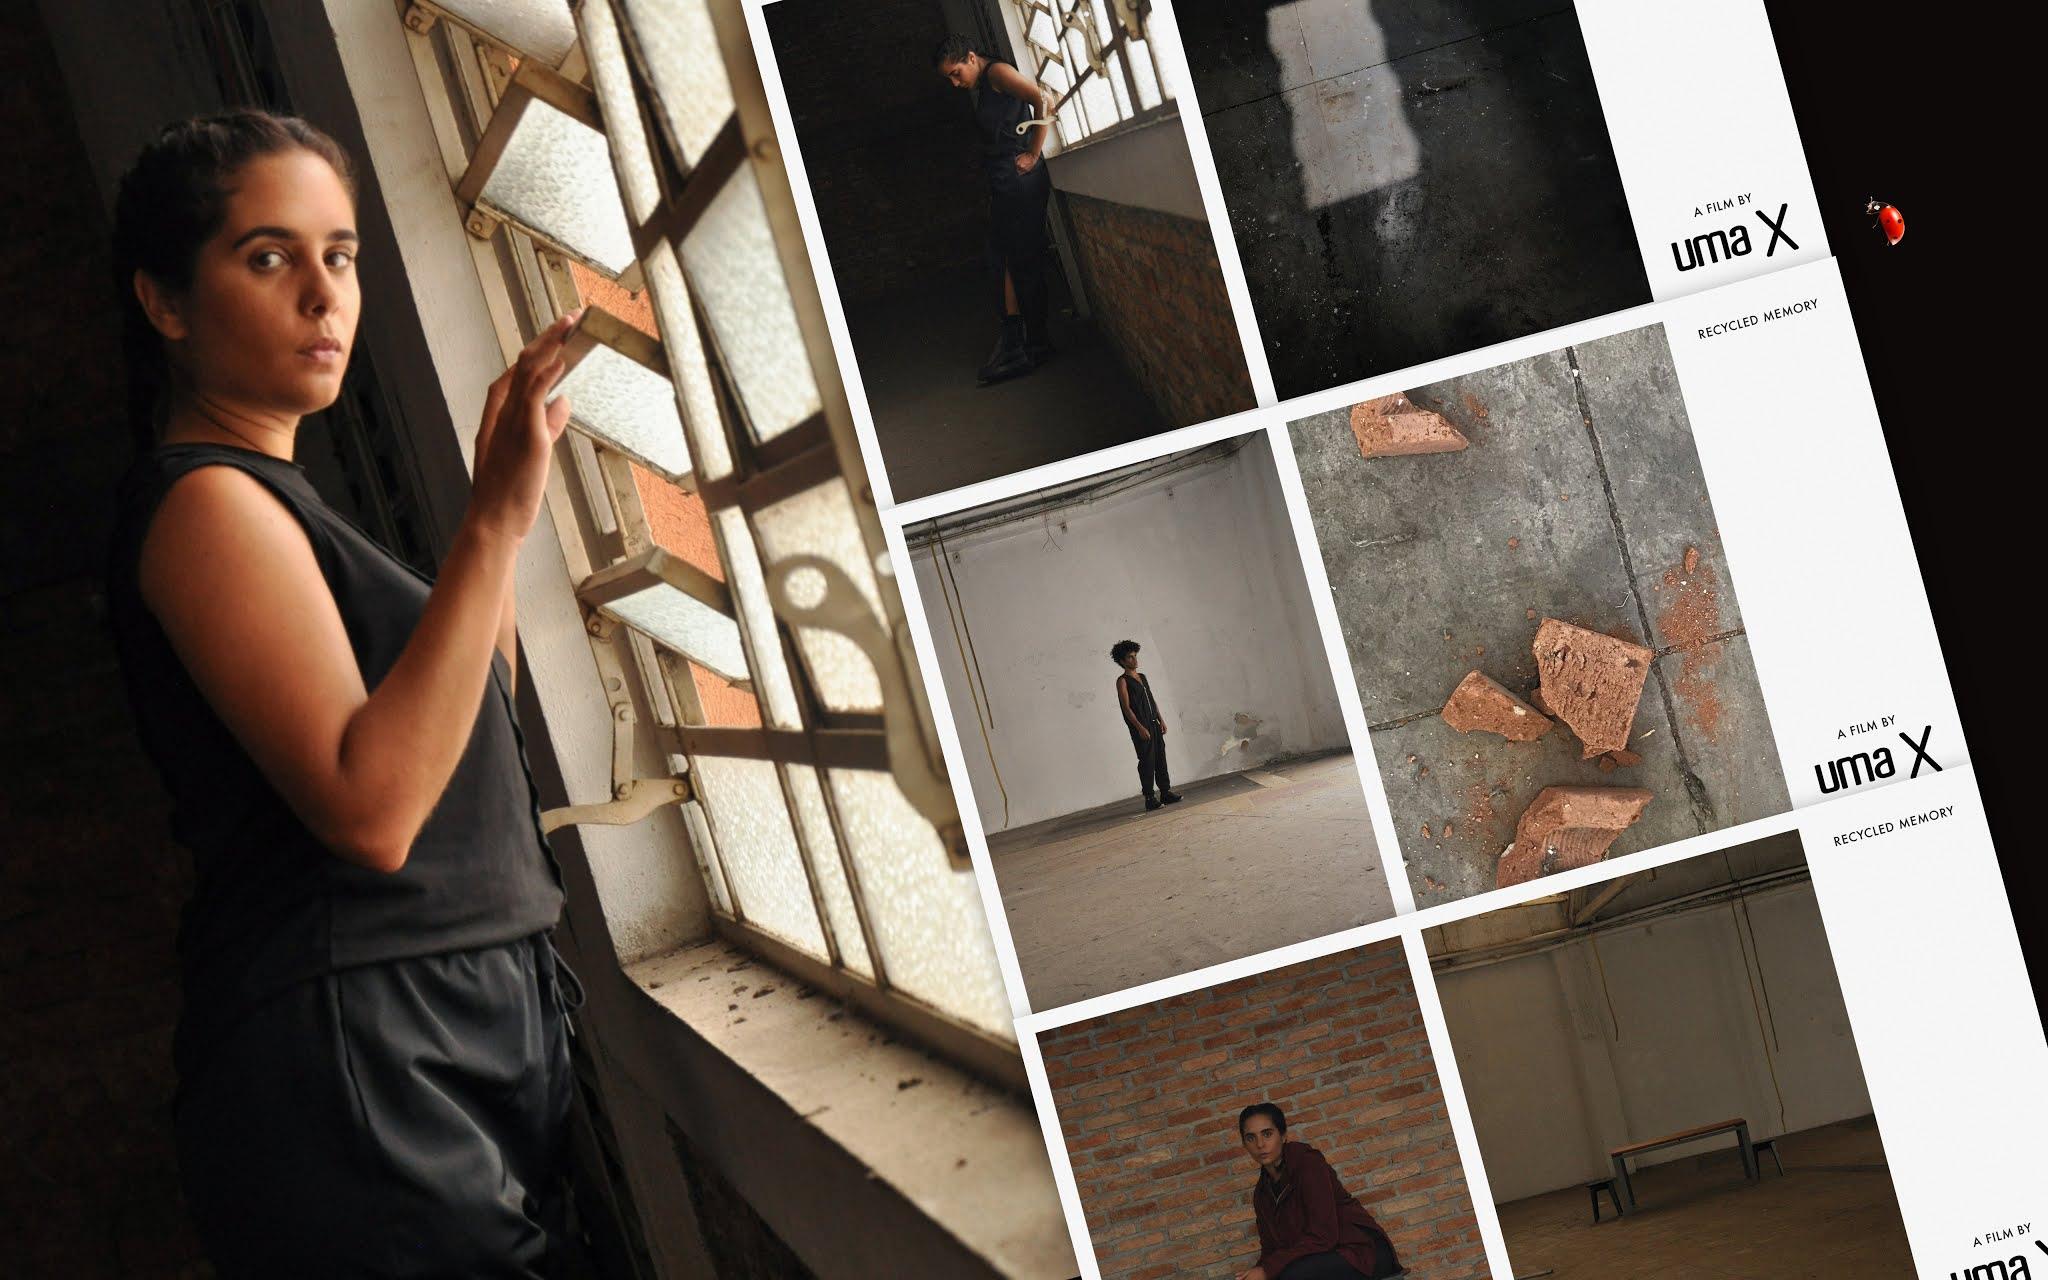 Lançada no ano passado, a UMA X é uma linha dentro da marca UMA com o compromisso de criar uma moda sustentável, que além de design apurado, traga significado, responsabilidade e relevância para a roupa, servindo também como uma plataforma para apoiar novos talentos de diversas áreas, como artes plásticas e audiovisual, em colaborações exclusivas.